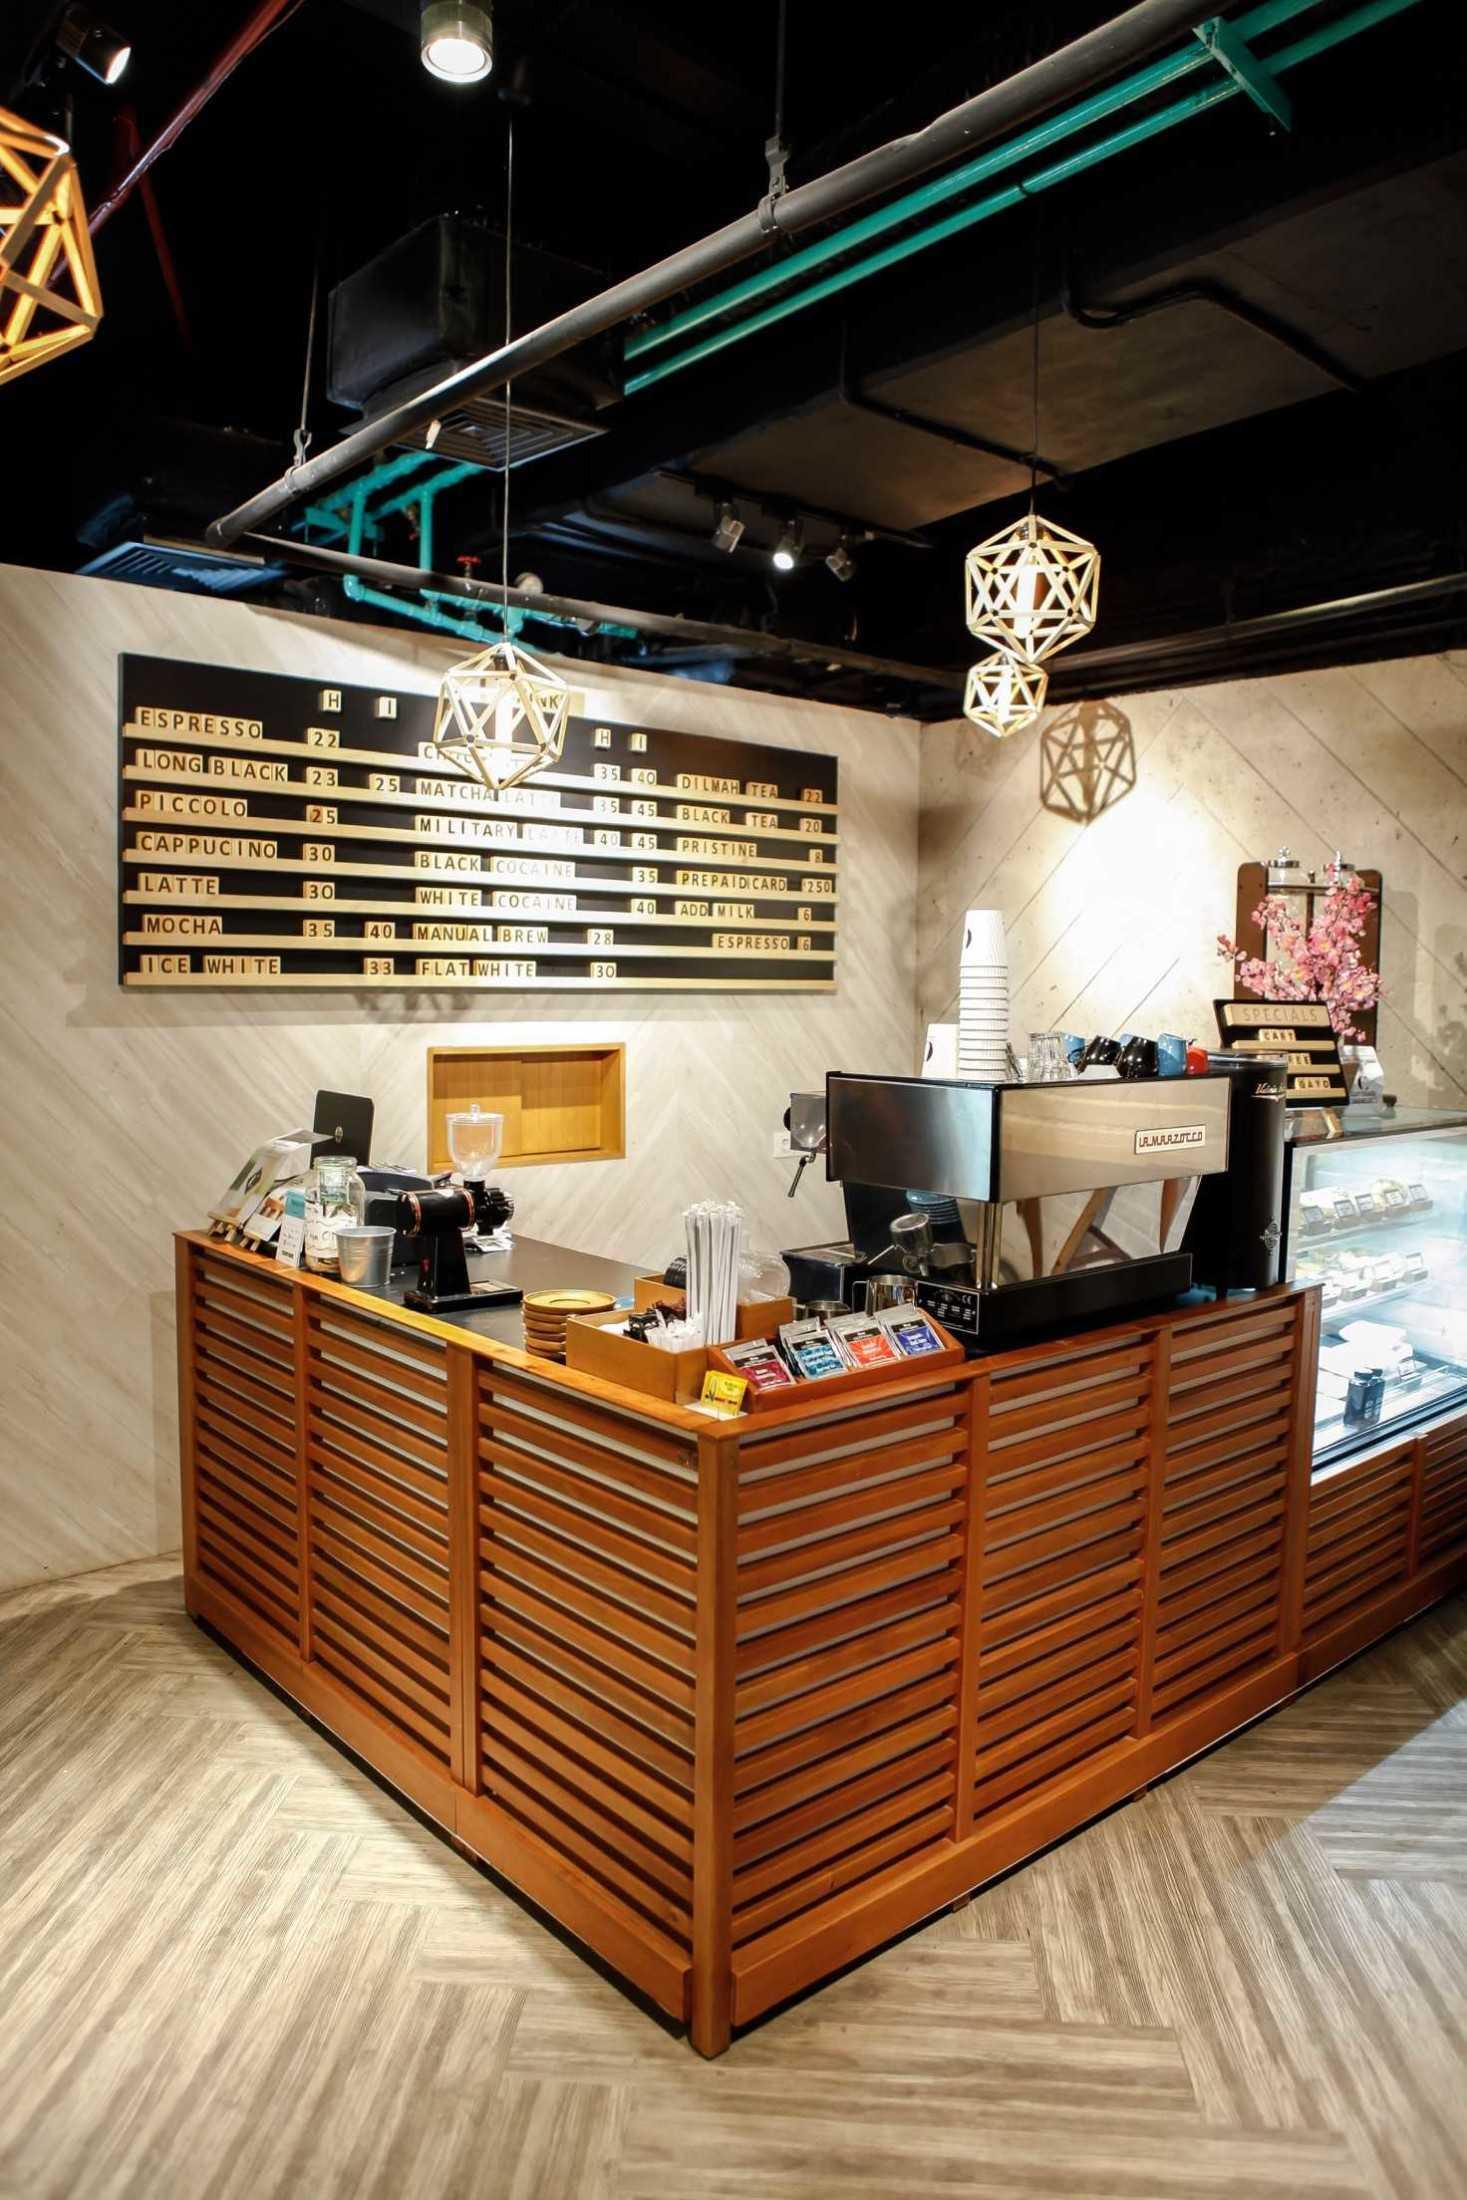 Einhaus Cart Coffee Sinarmas Land Plaza, Tower Ii, Jl. M.h. Thamrin No.51, Gondangdia, Menteng, Kota Jakarta Pusat, Daerah Khusus Ibukota Jakarta 10350, Indonesia Sinarmas Land Plaza, Tower Ii, Jl. M.h. Thamrin No.51, Gondangdia, Menteng, Kota Jakarta Pusat, Daerah Khusus Ibukota Jakarta 10350, Indonesia Einhaus-Cart-Coffee Kontemporer 55655